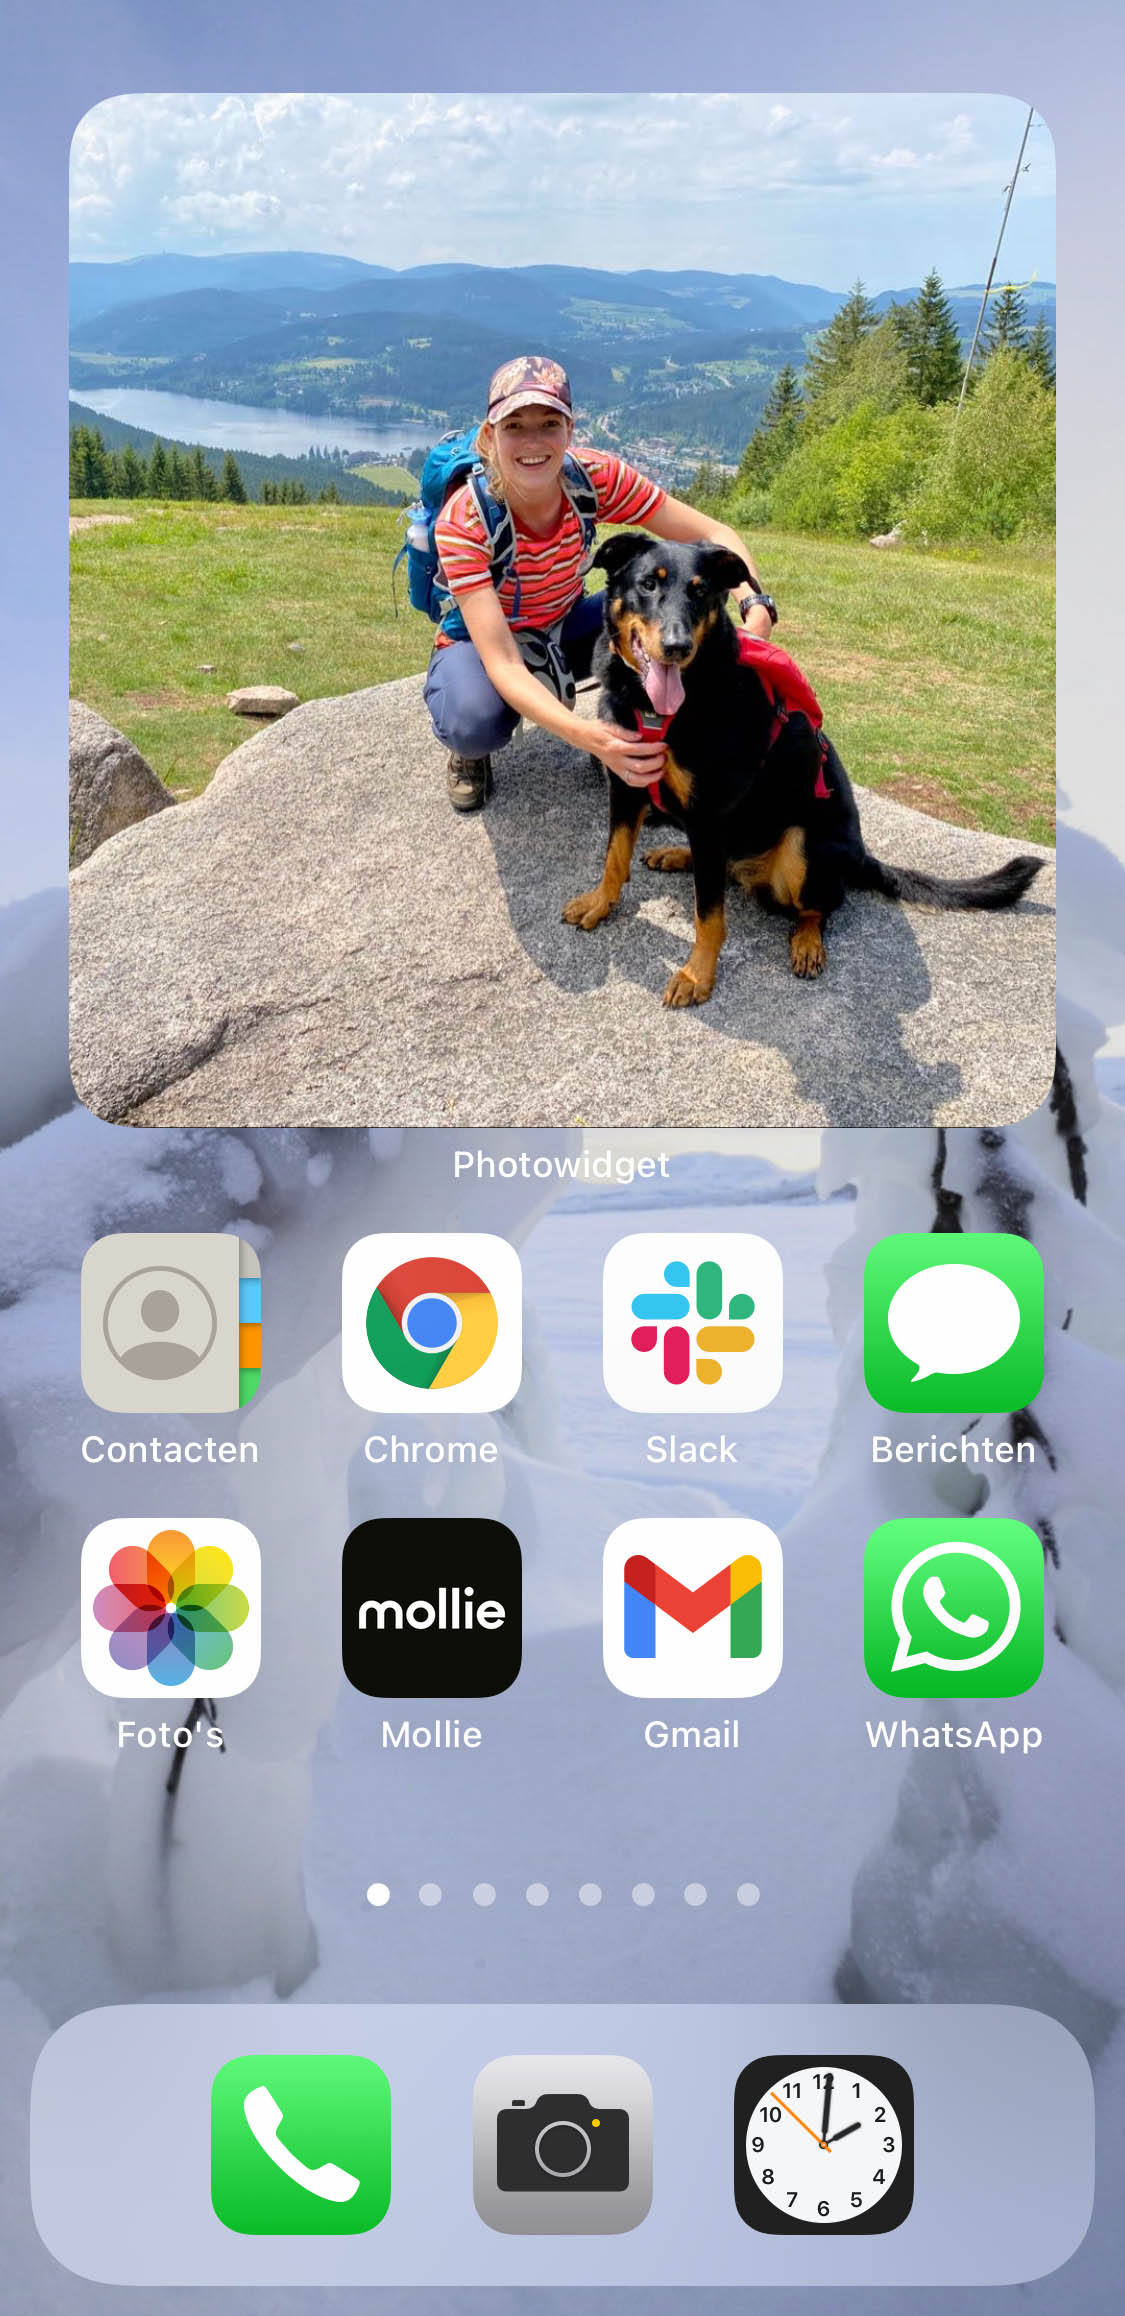 Photowidget op iPhone